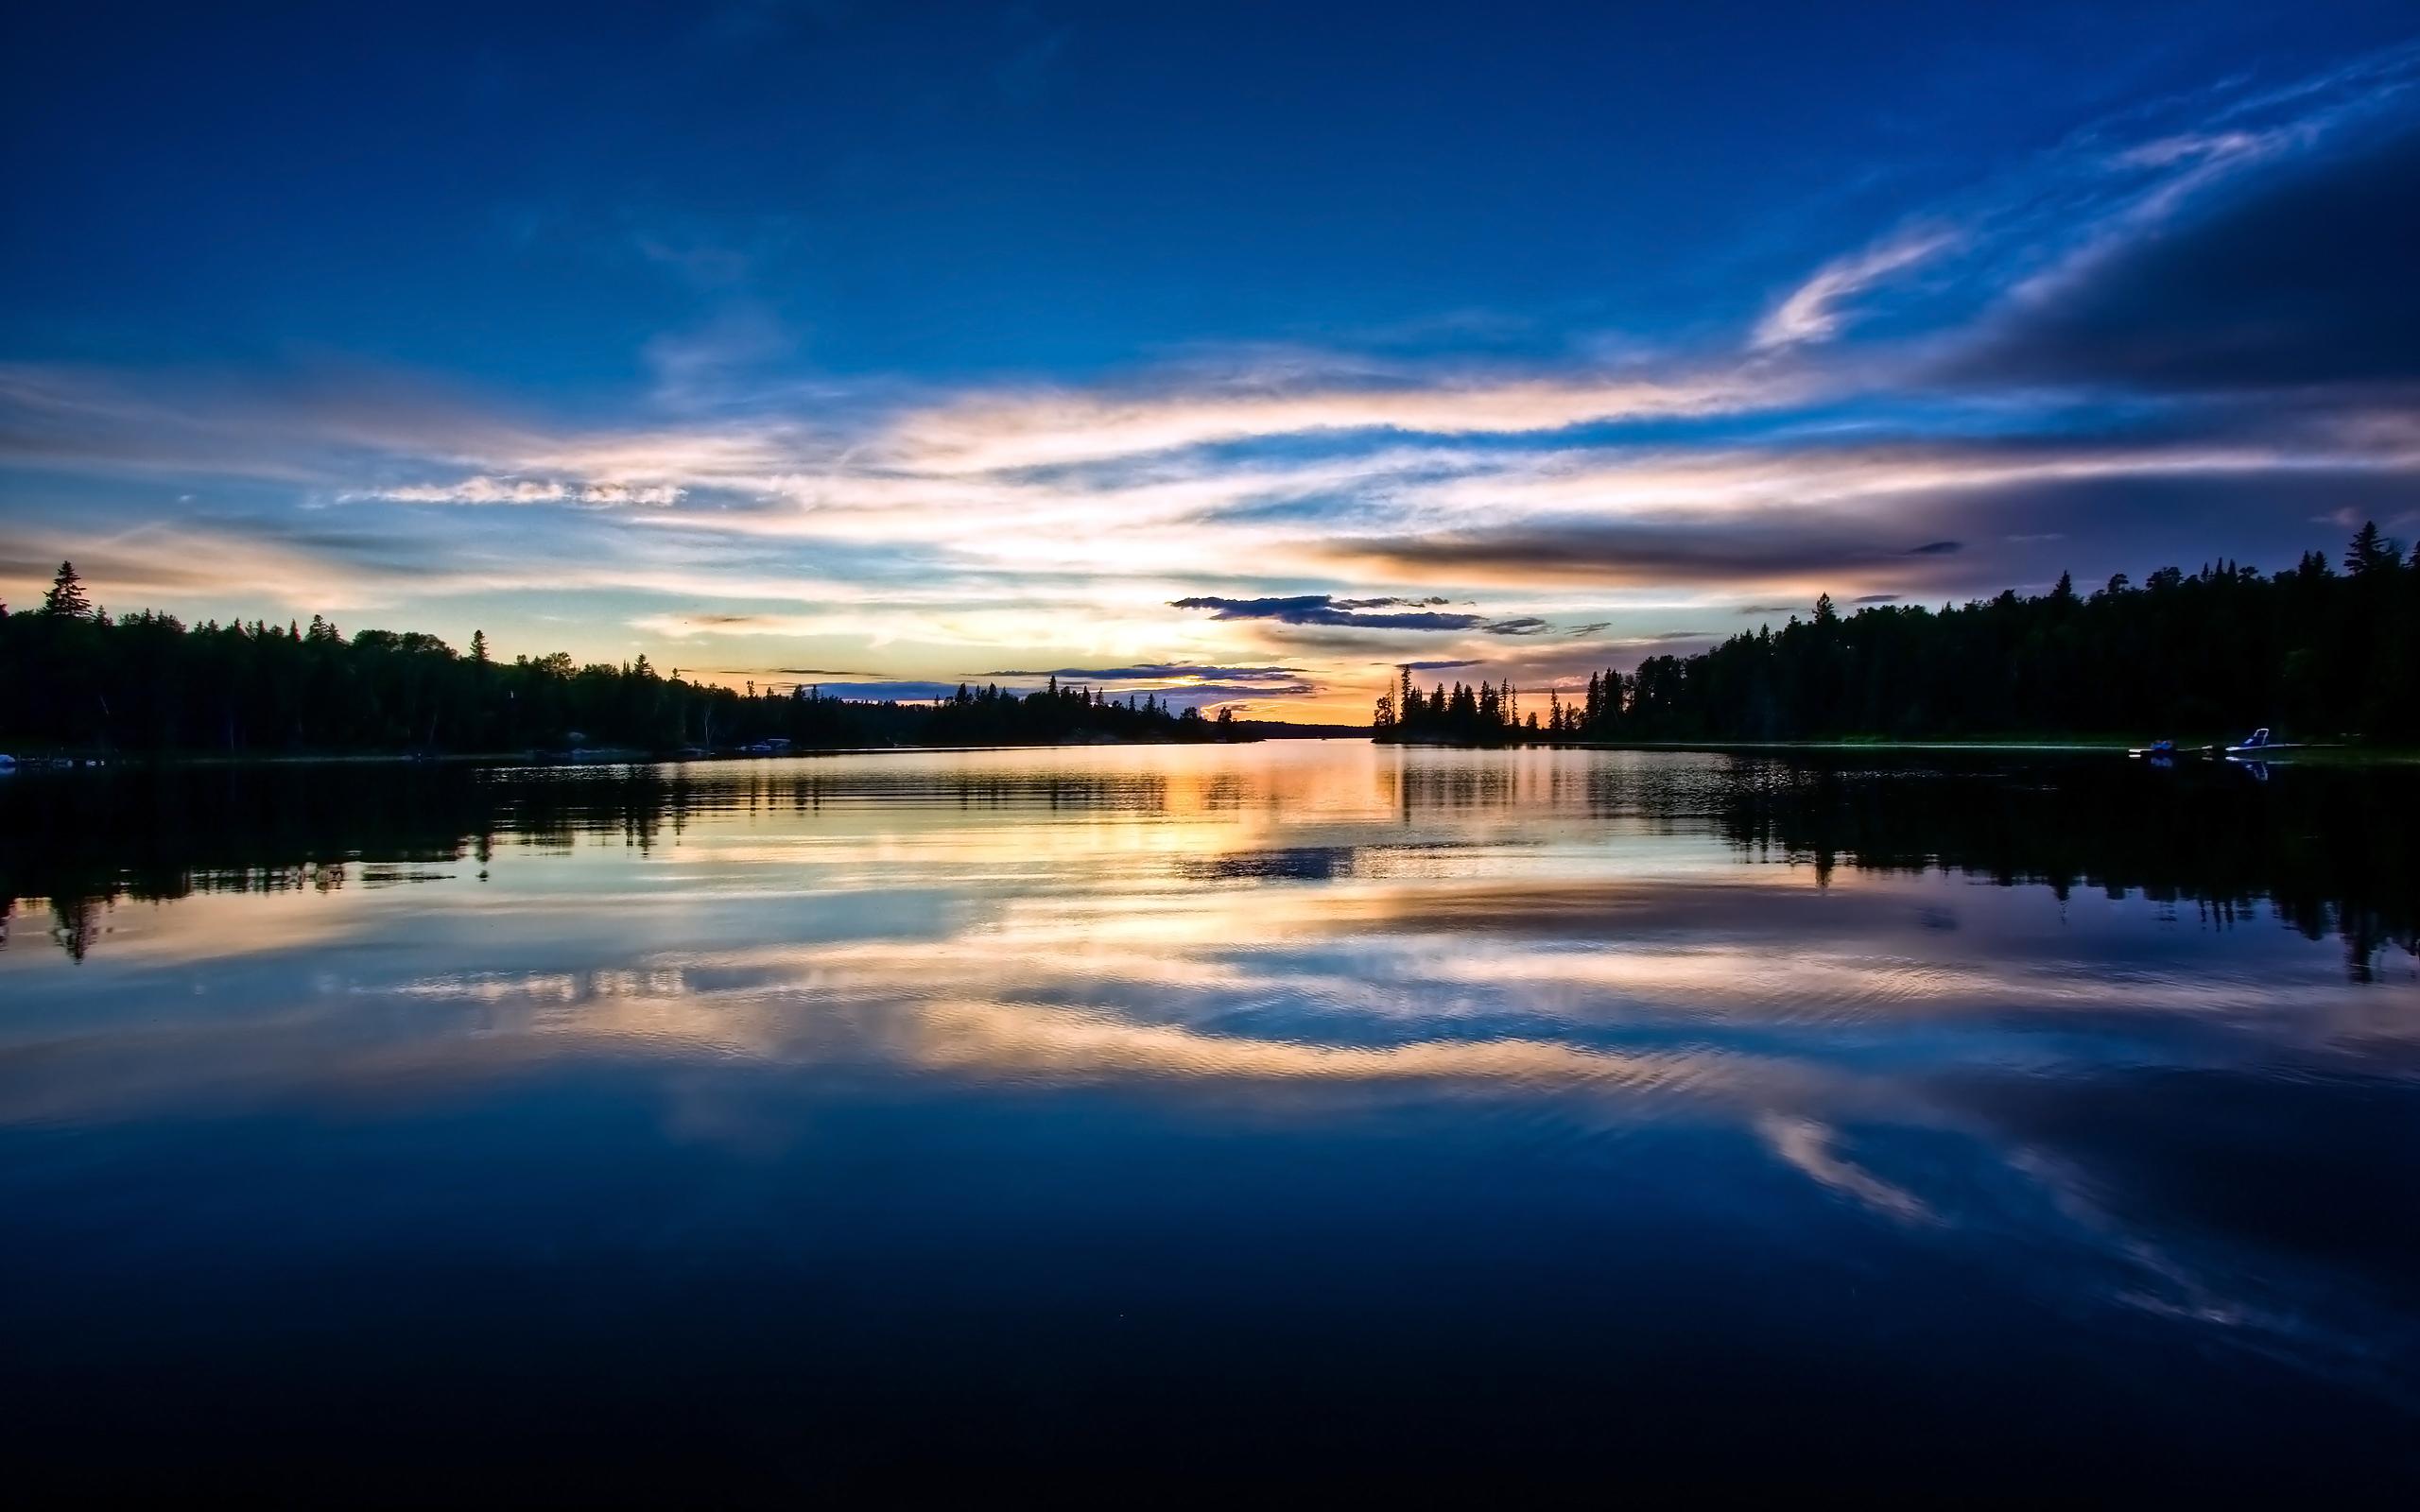 Sunset Wallpaper 2560x1600